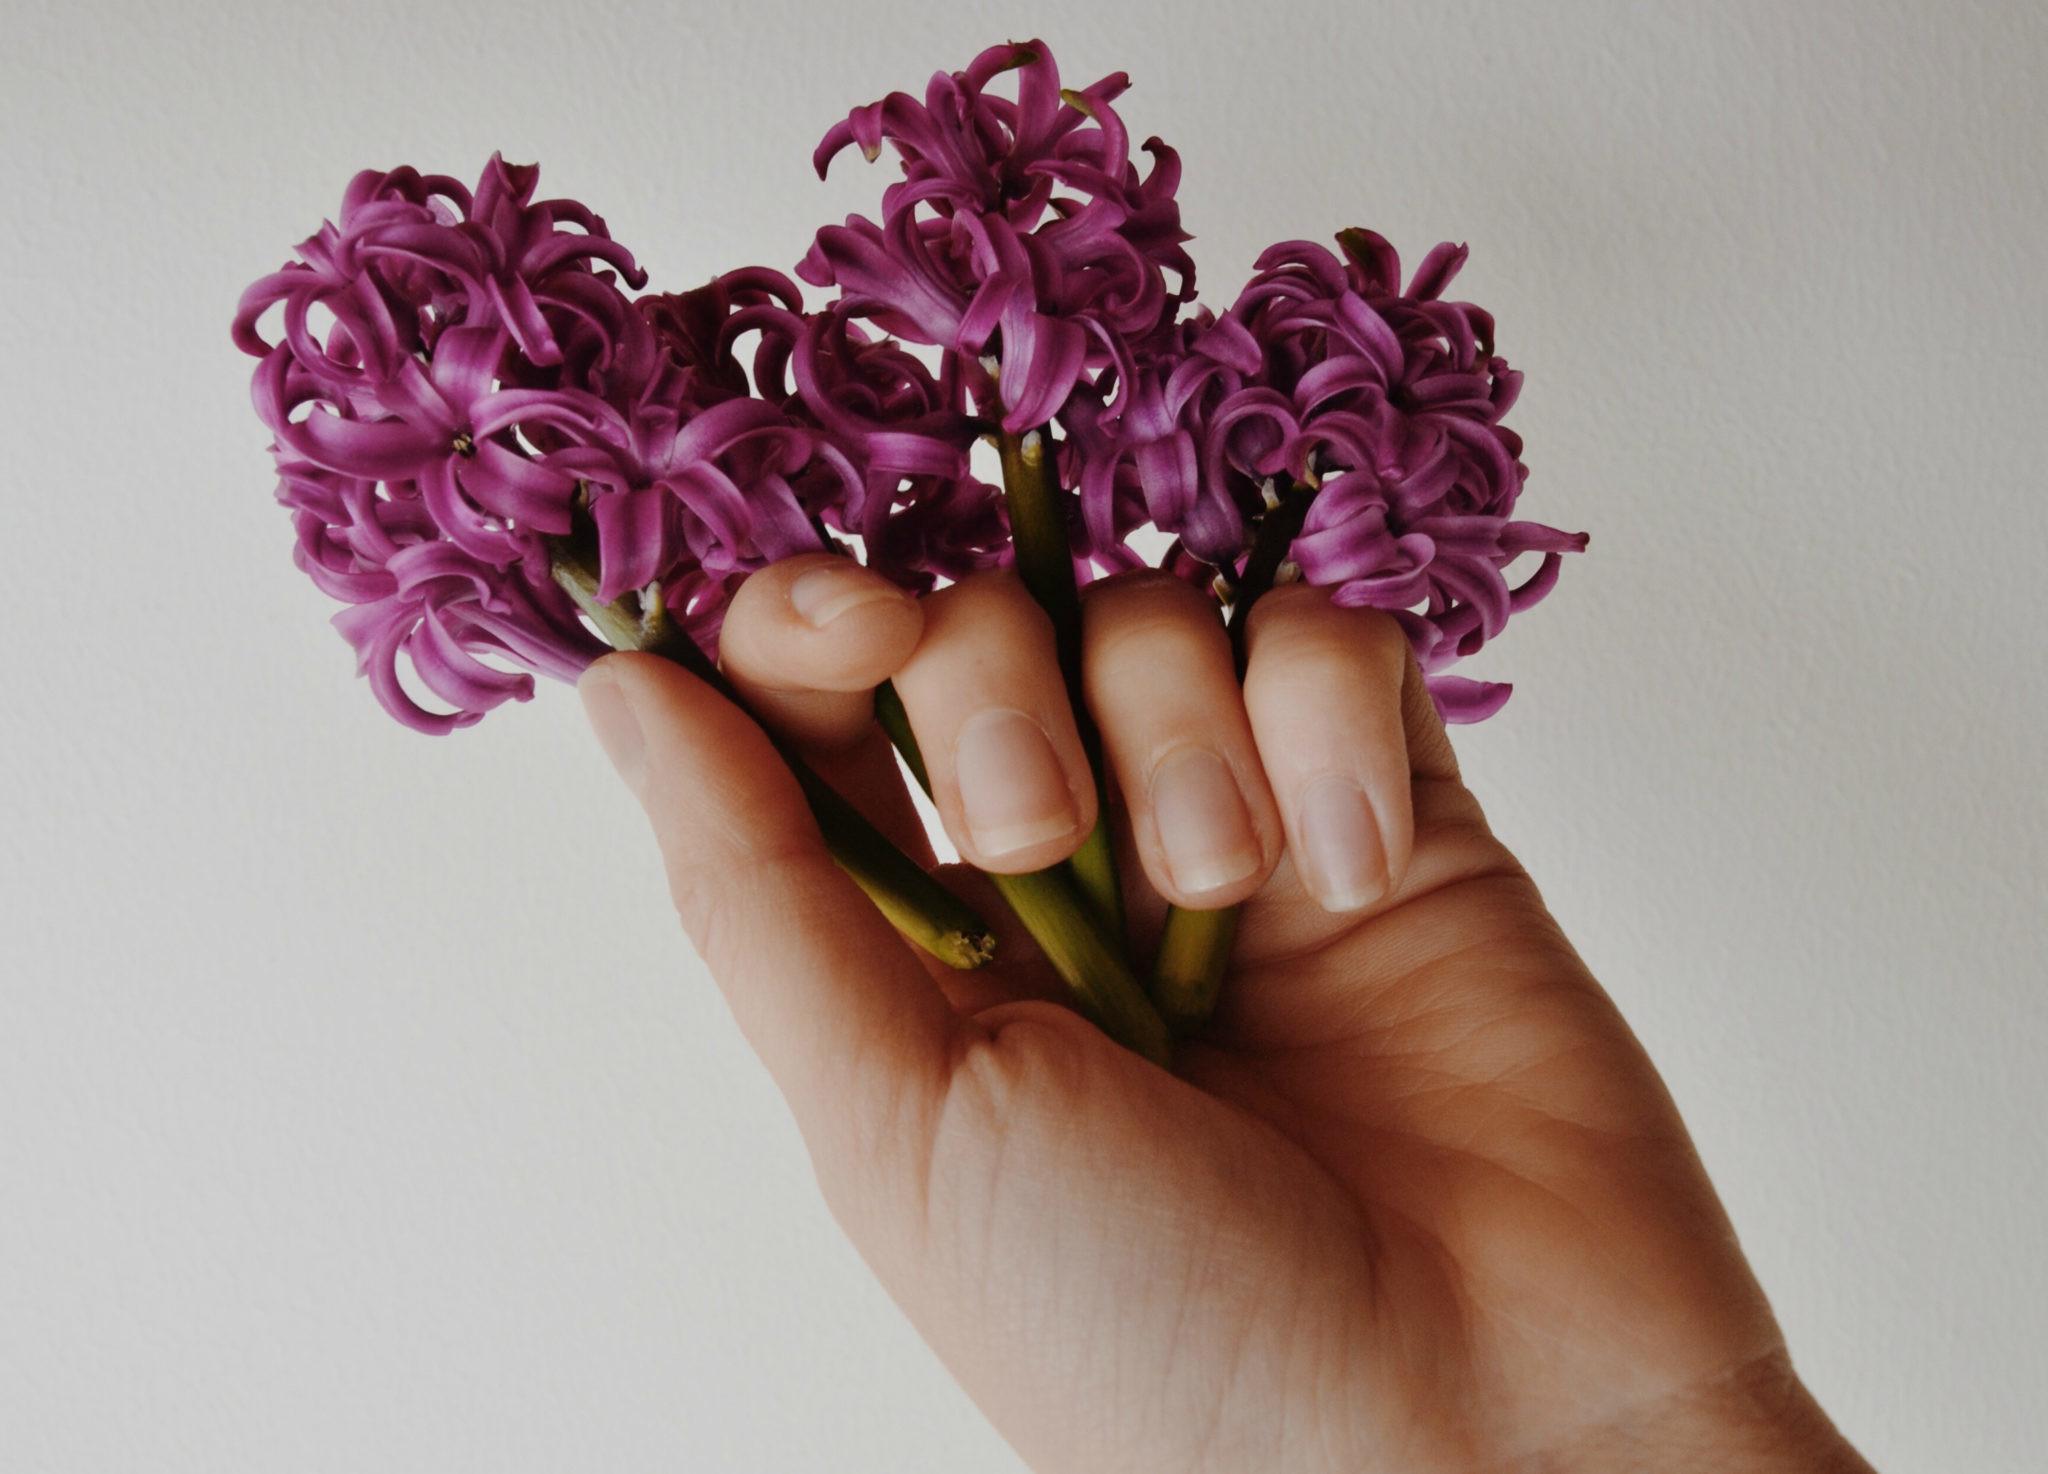 13 вещей, которые можно узнать о себе по форме ногтей